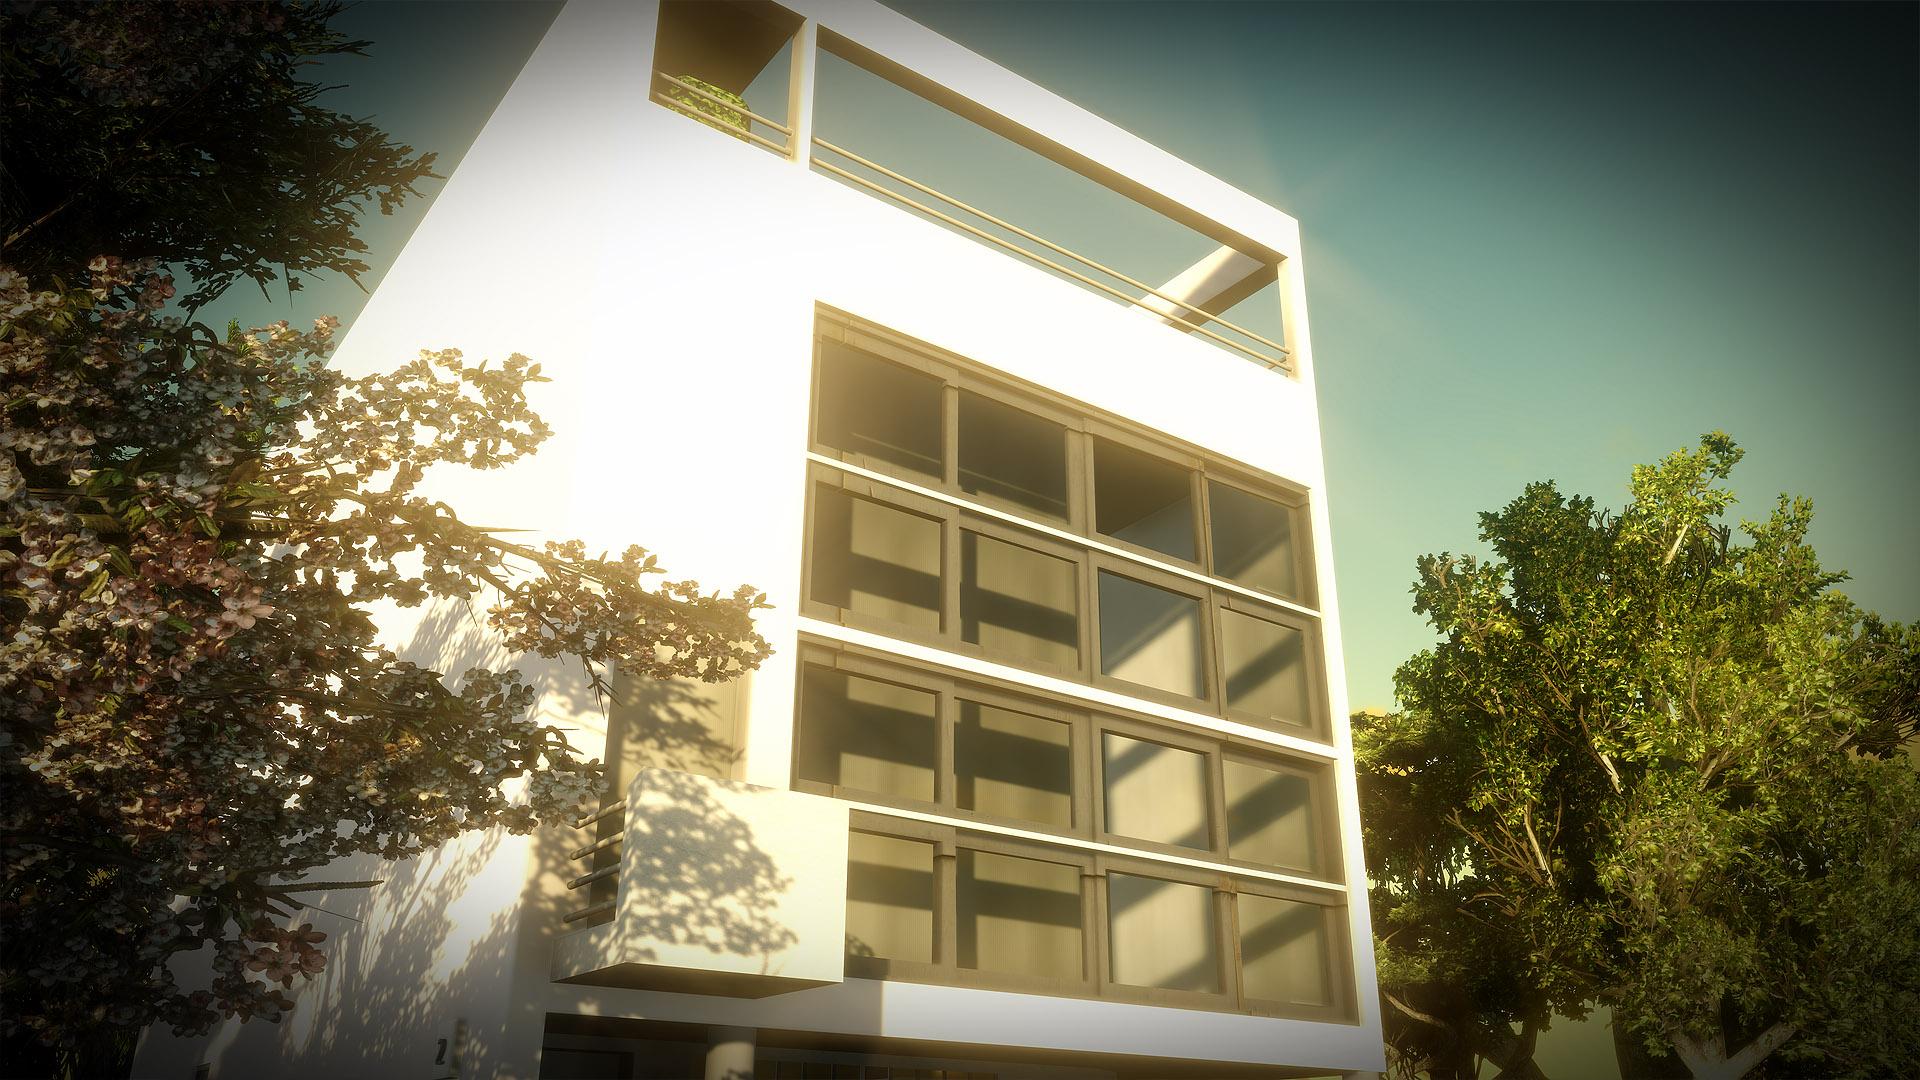 Libre interprétation Villa Moderne Le Corbusier - Animation d'introduction pour un événement hommage